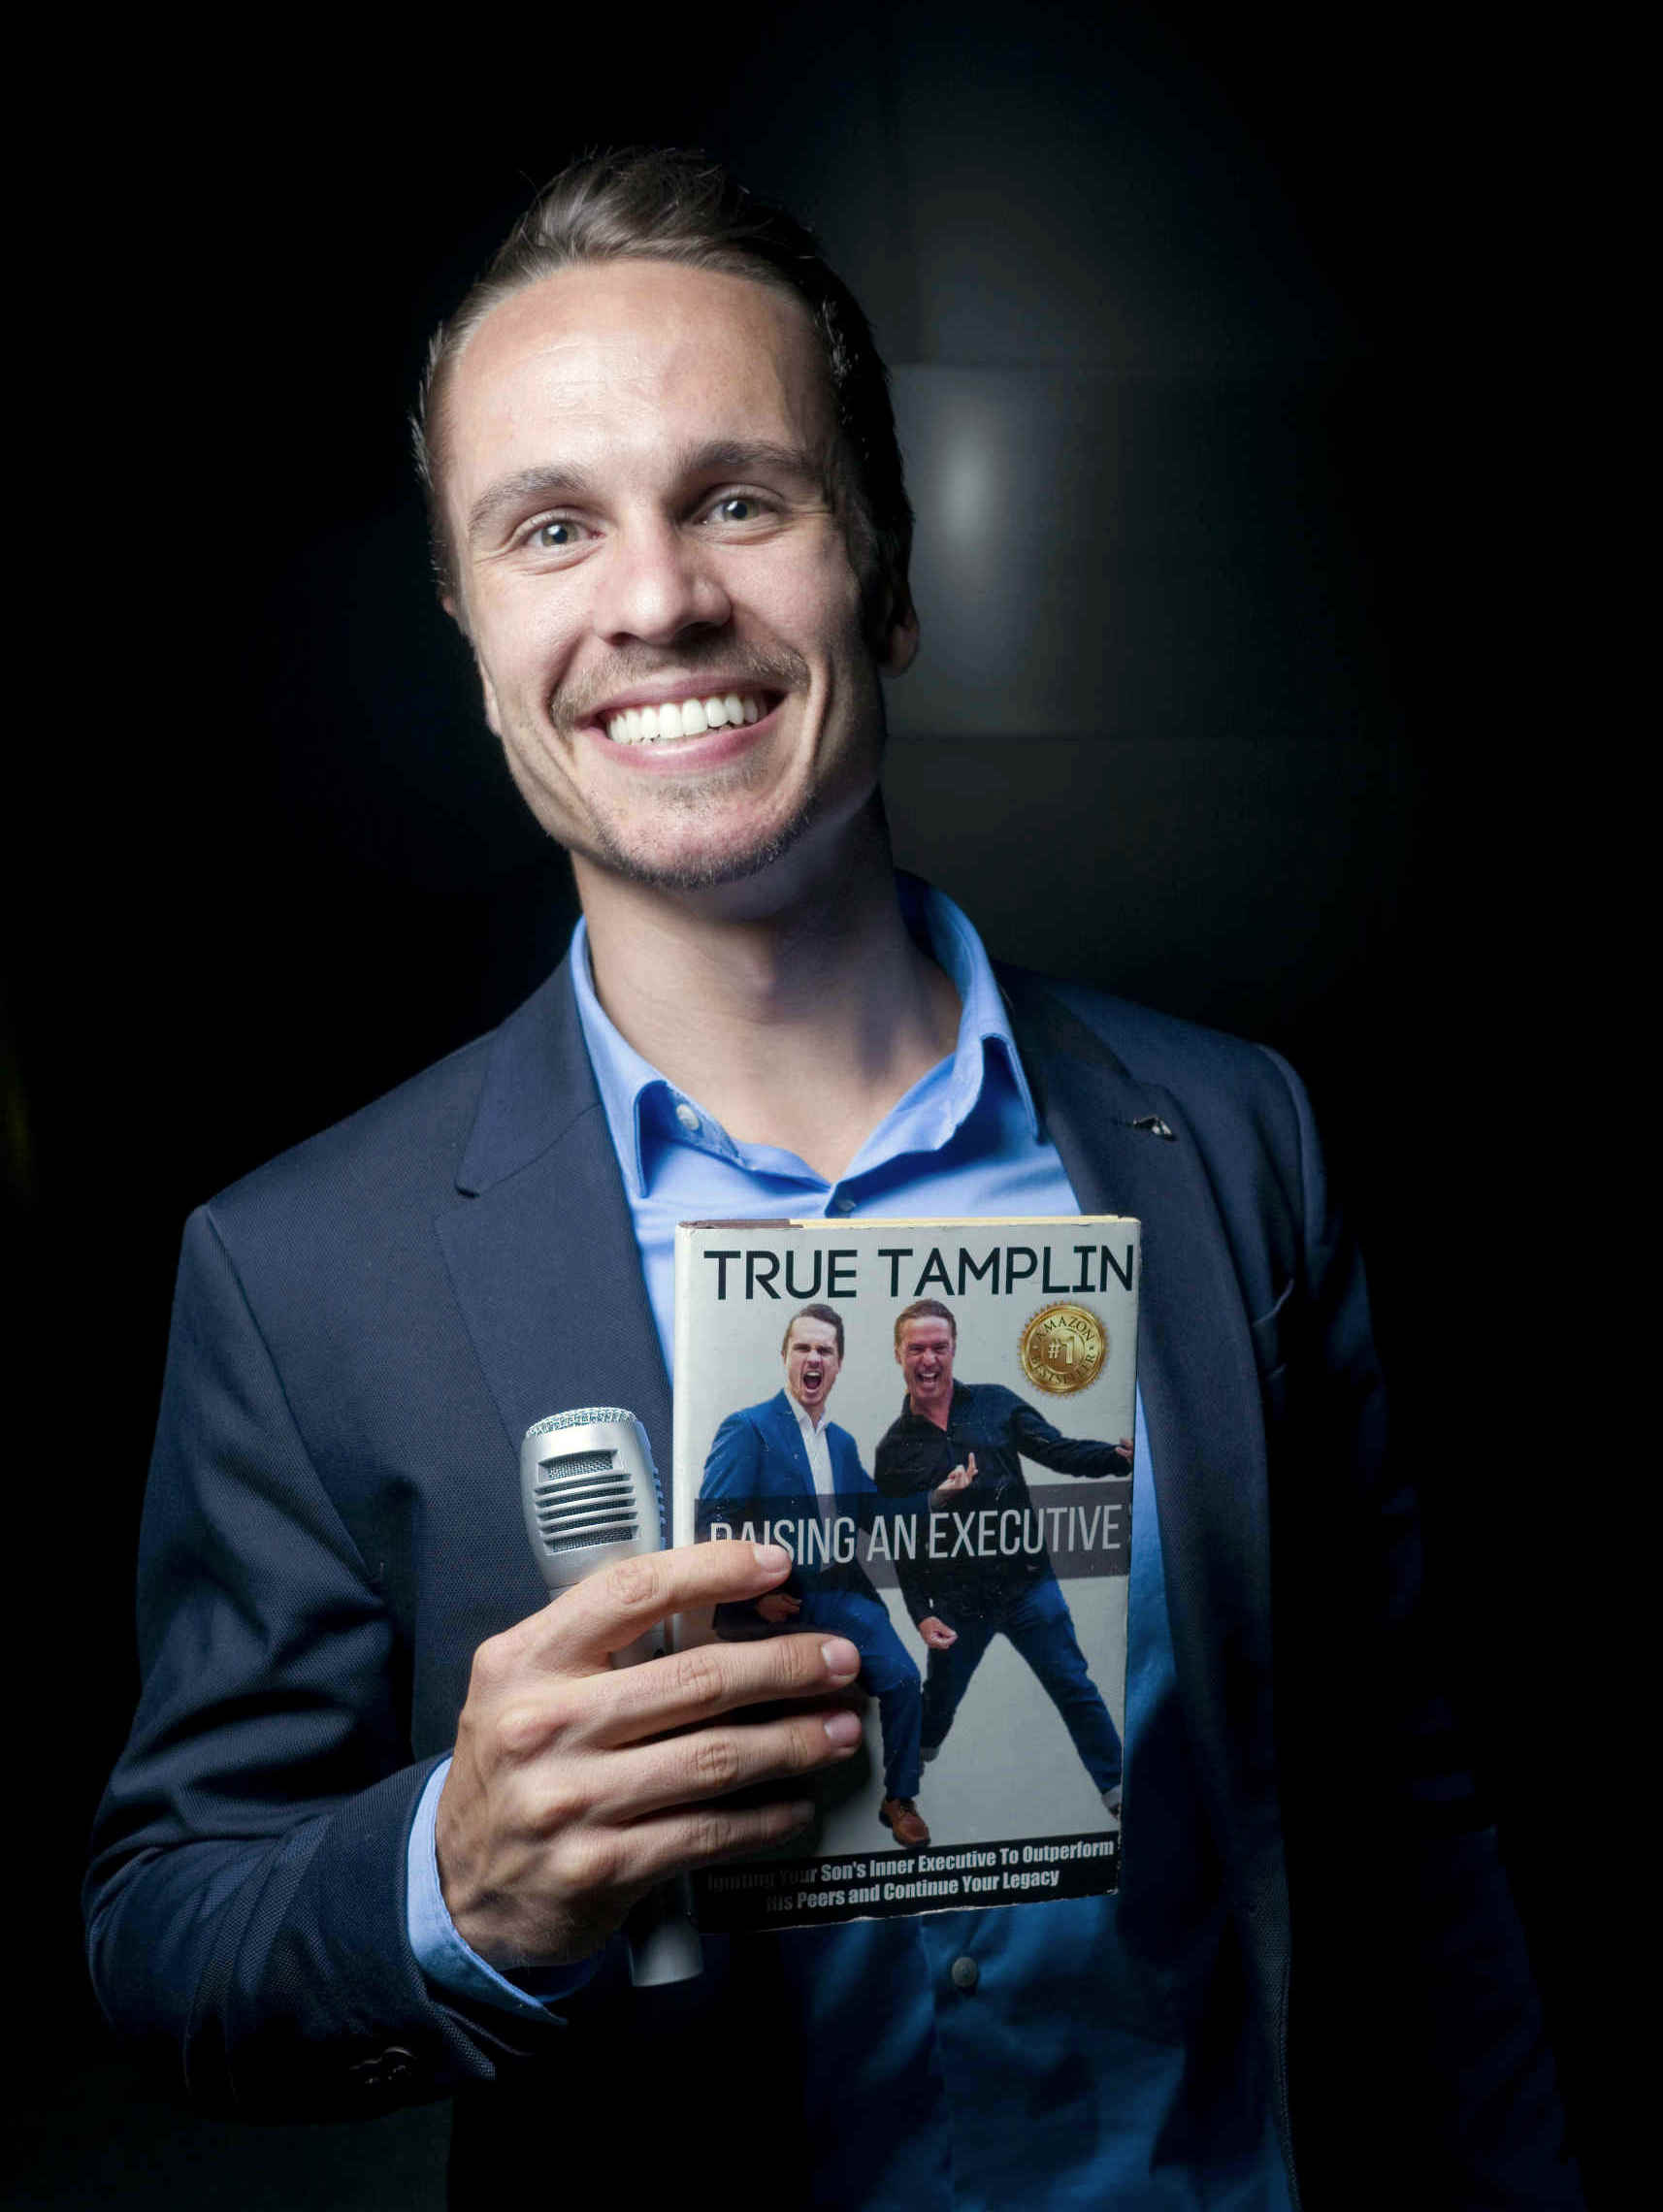 True Tamplin Corporate Event Speaker